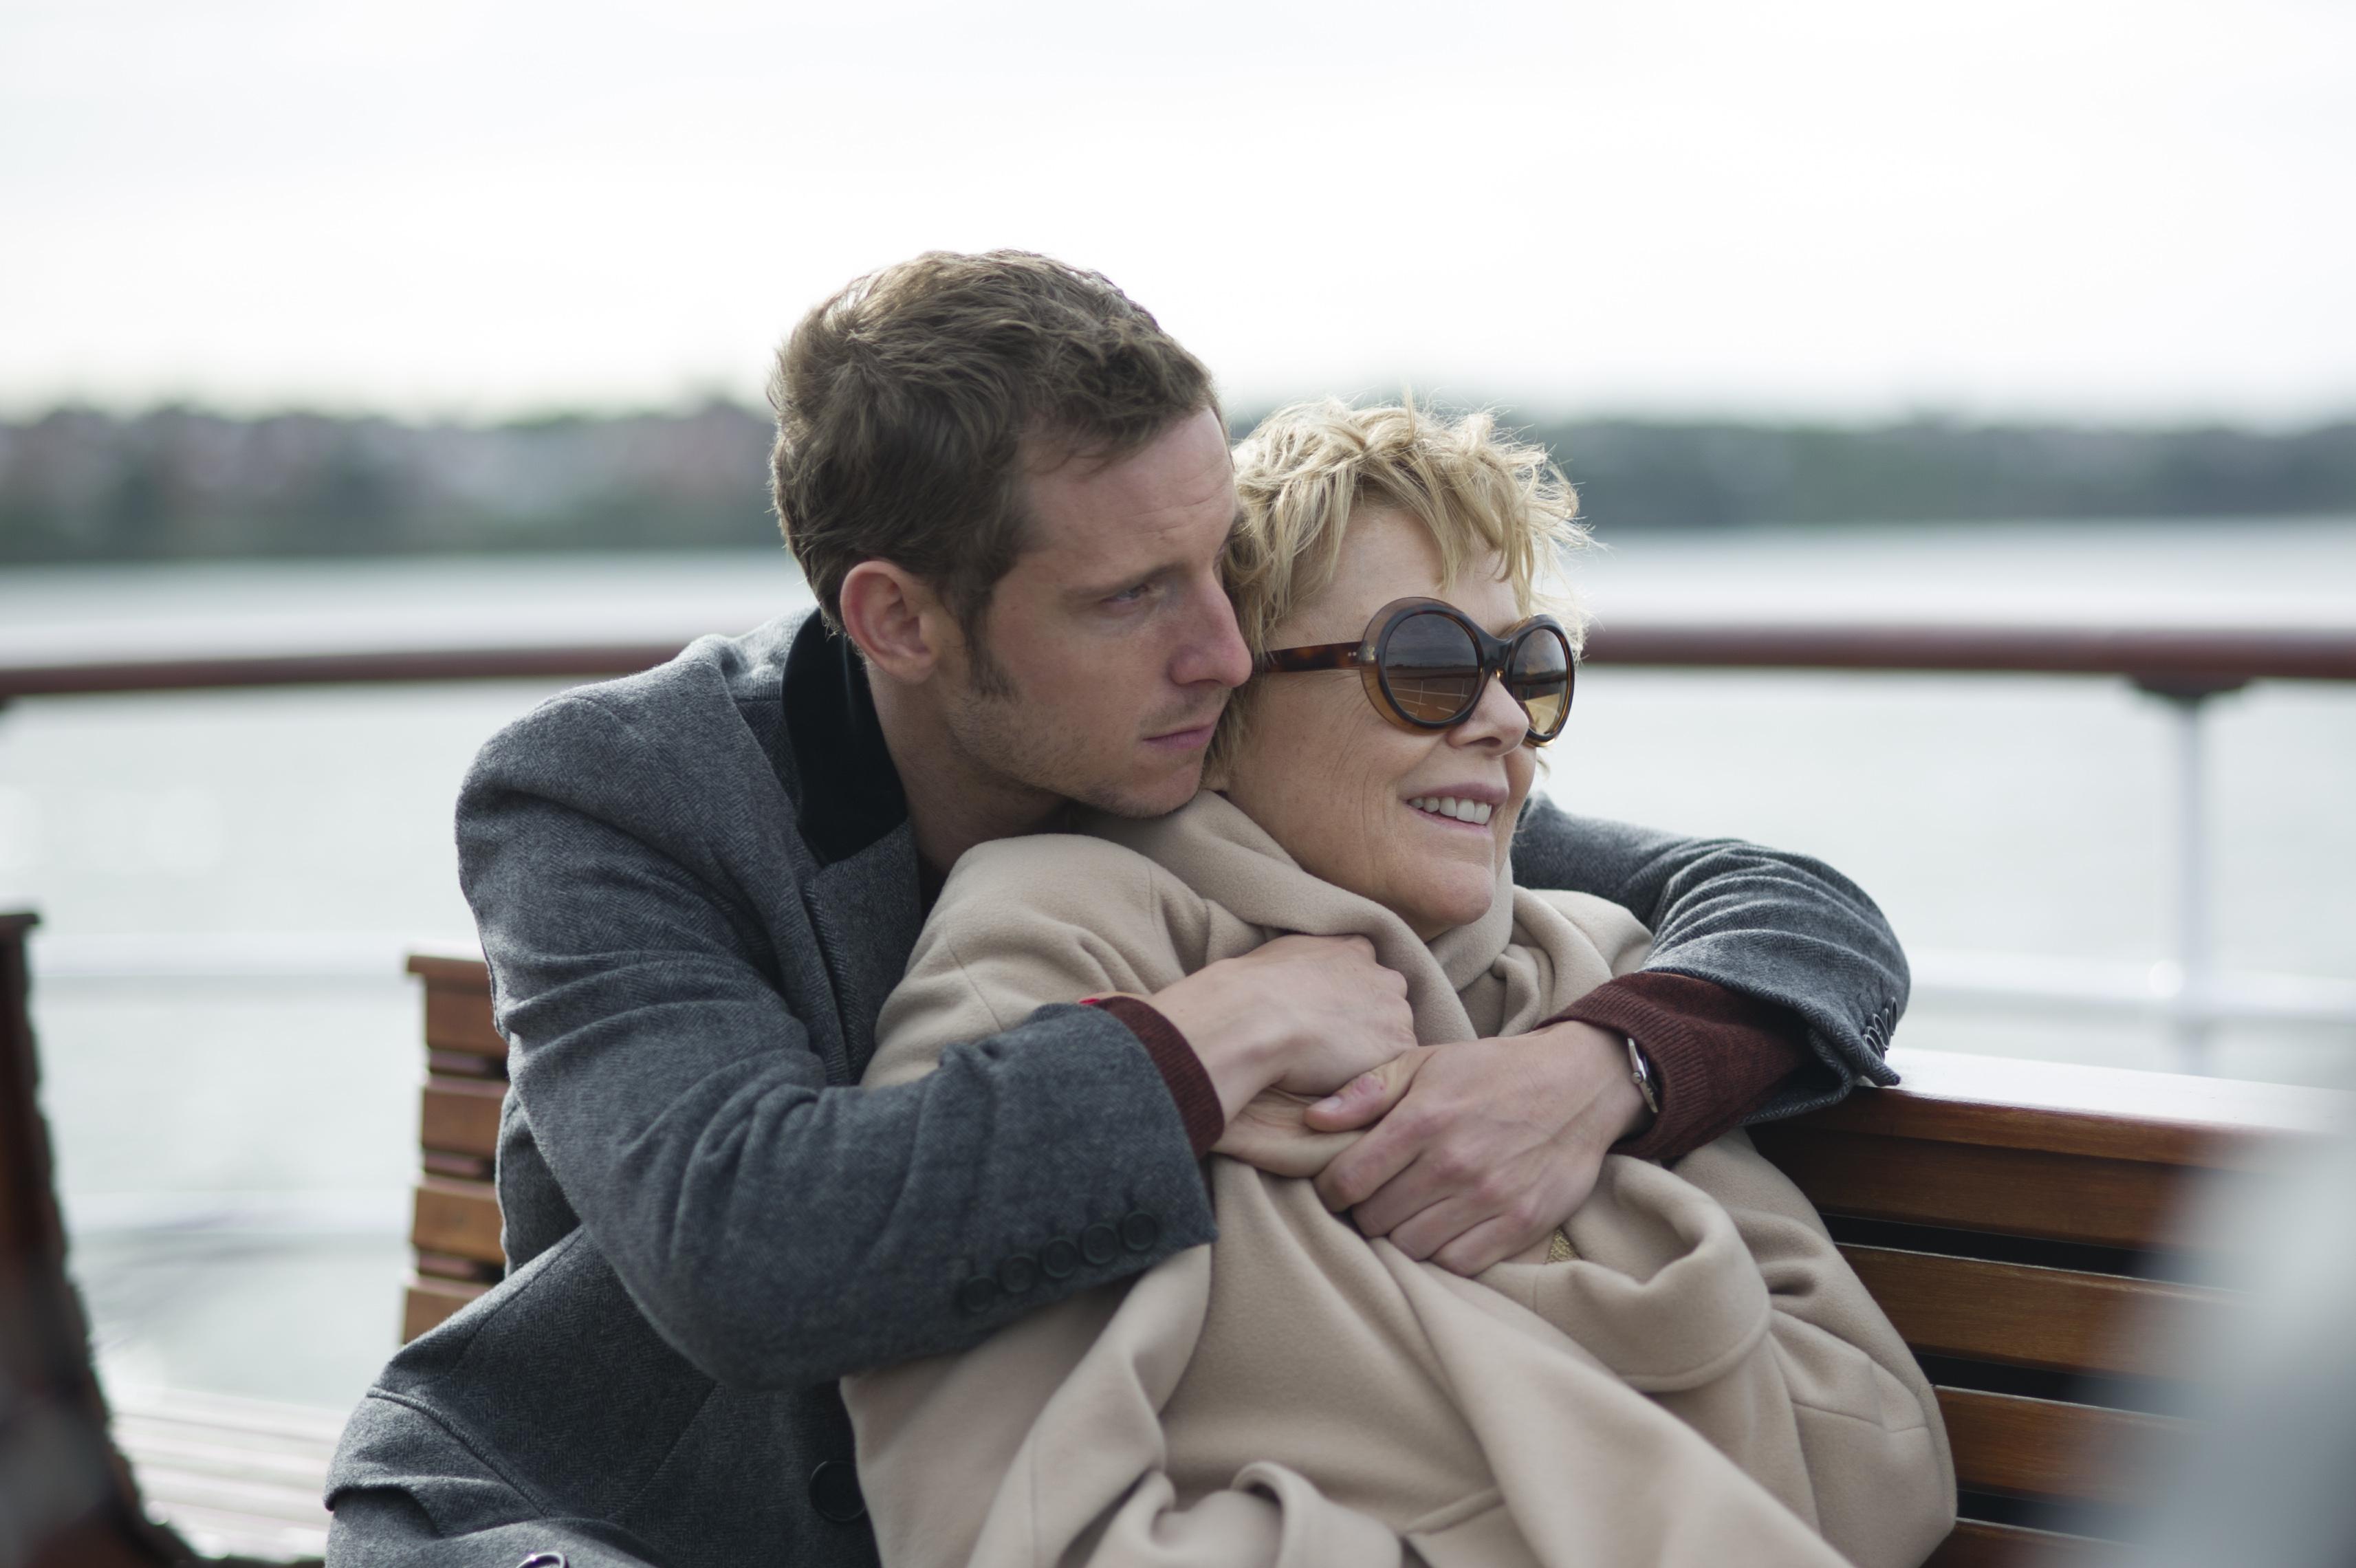 Τ' αστέρια δεν πεθαίνουν στο Λίβερπουλ: Η αληθινή ιστορία ενός δυνατού έρωτα που ξεπέρασε κάθε εμπόδιο, στους κινηματογράφους! | tlife.gr